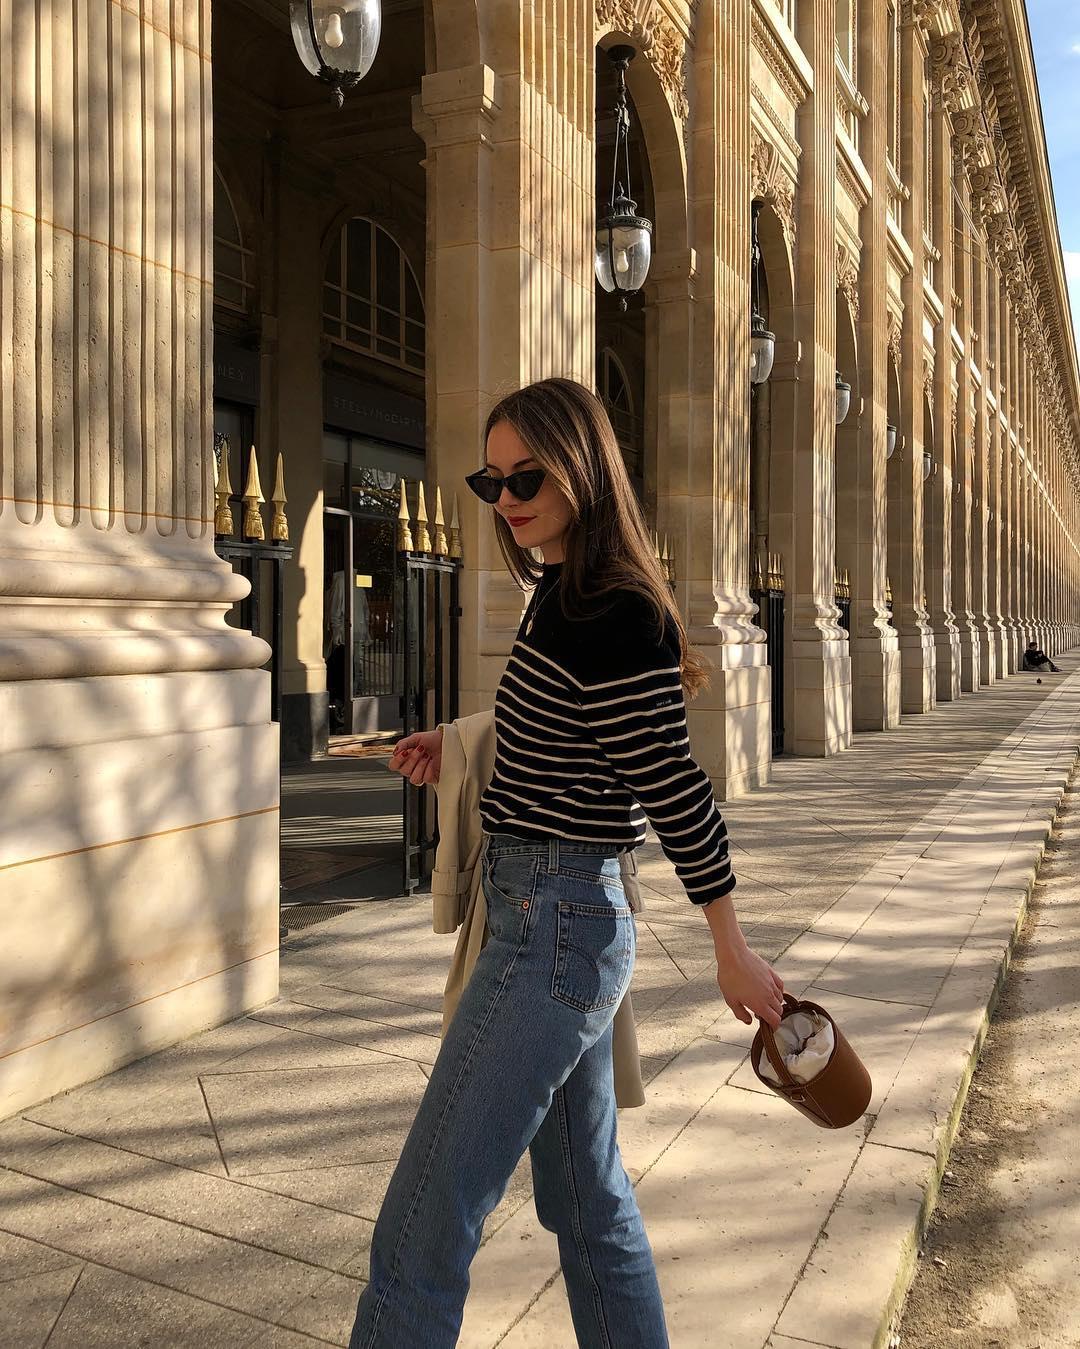 cô gái mặc áo thun kẻ sọc ngang quần jeasn phong cách parisian chic